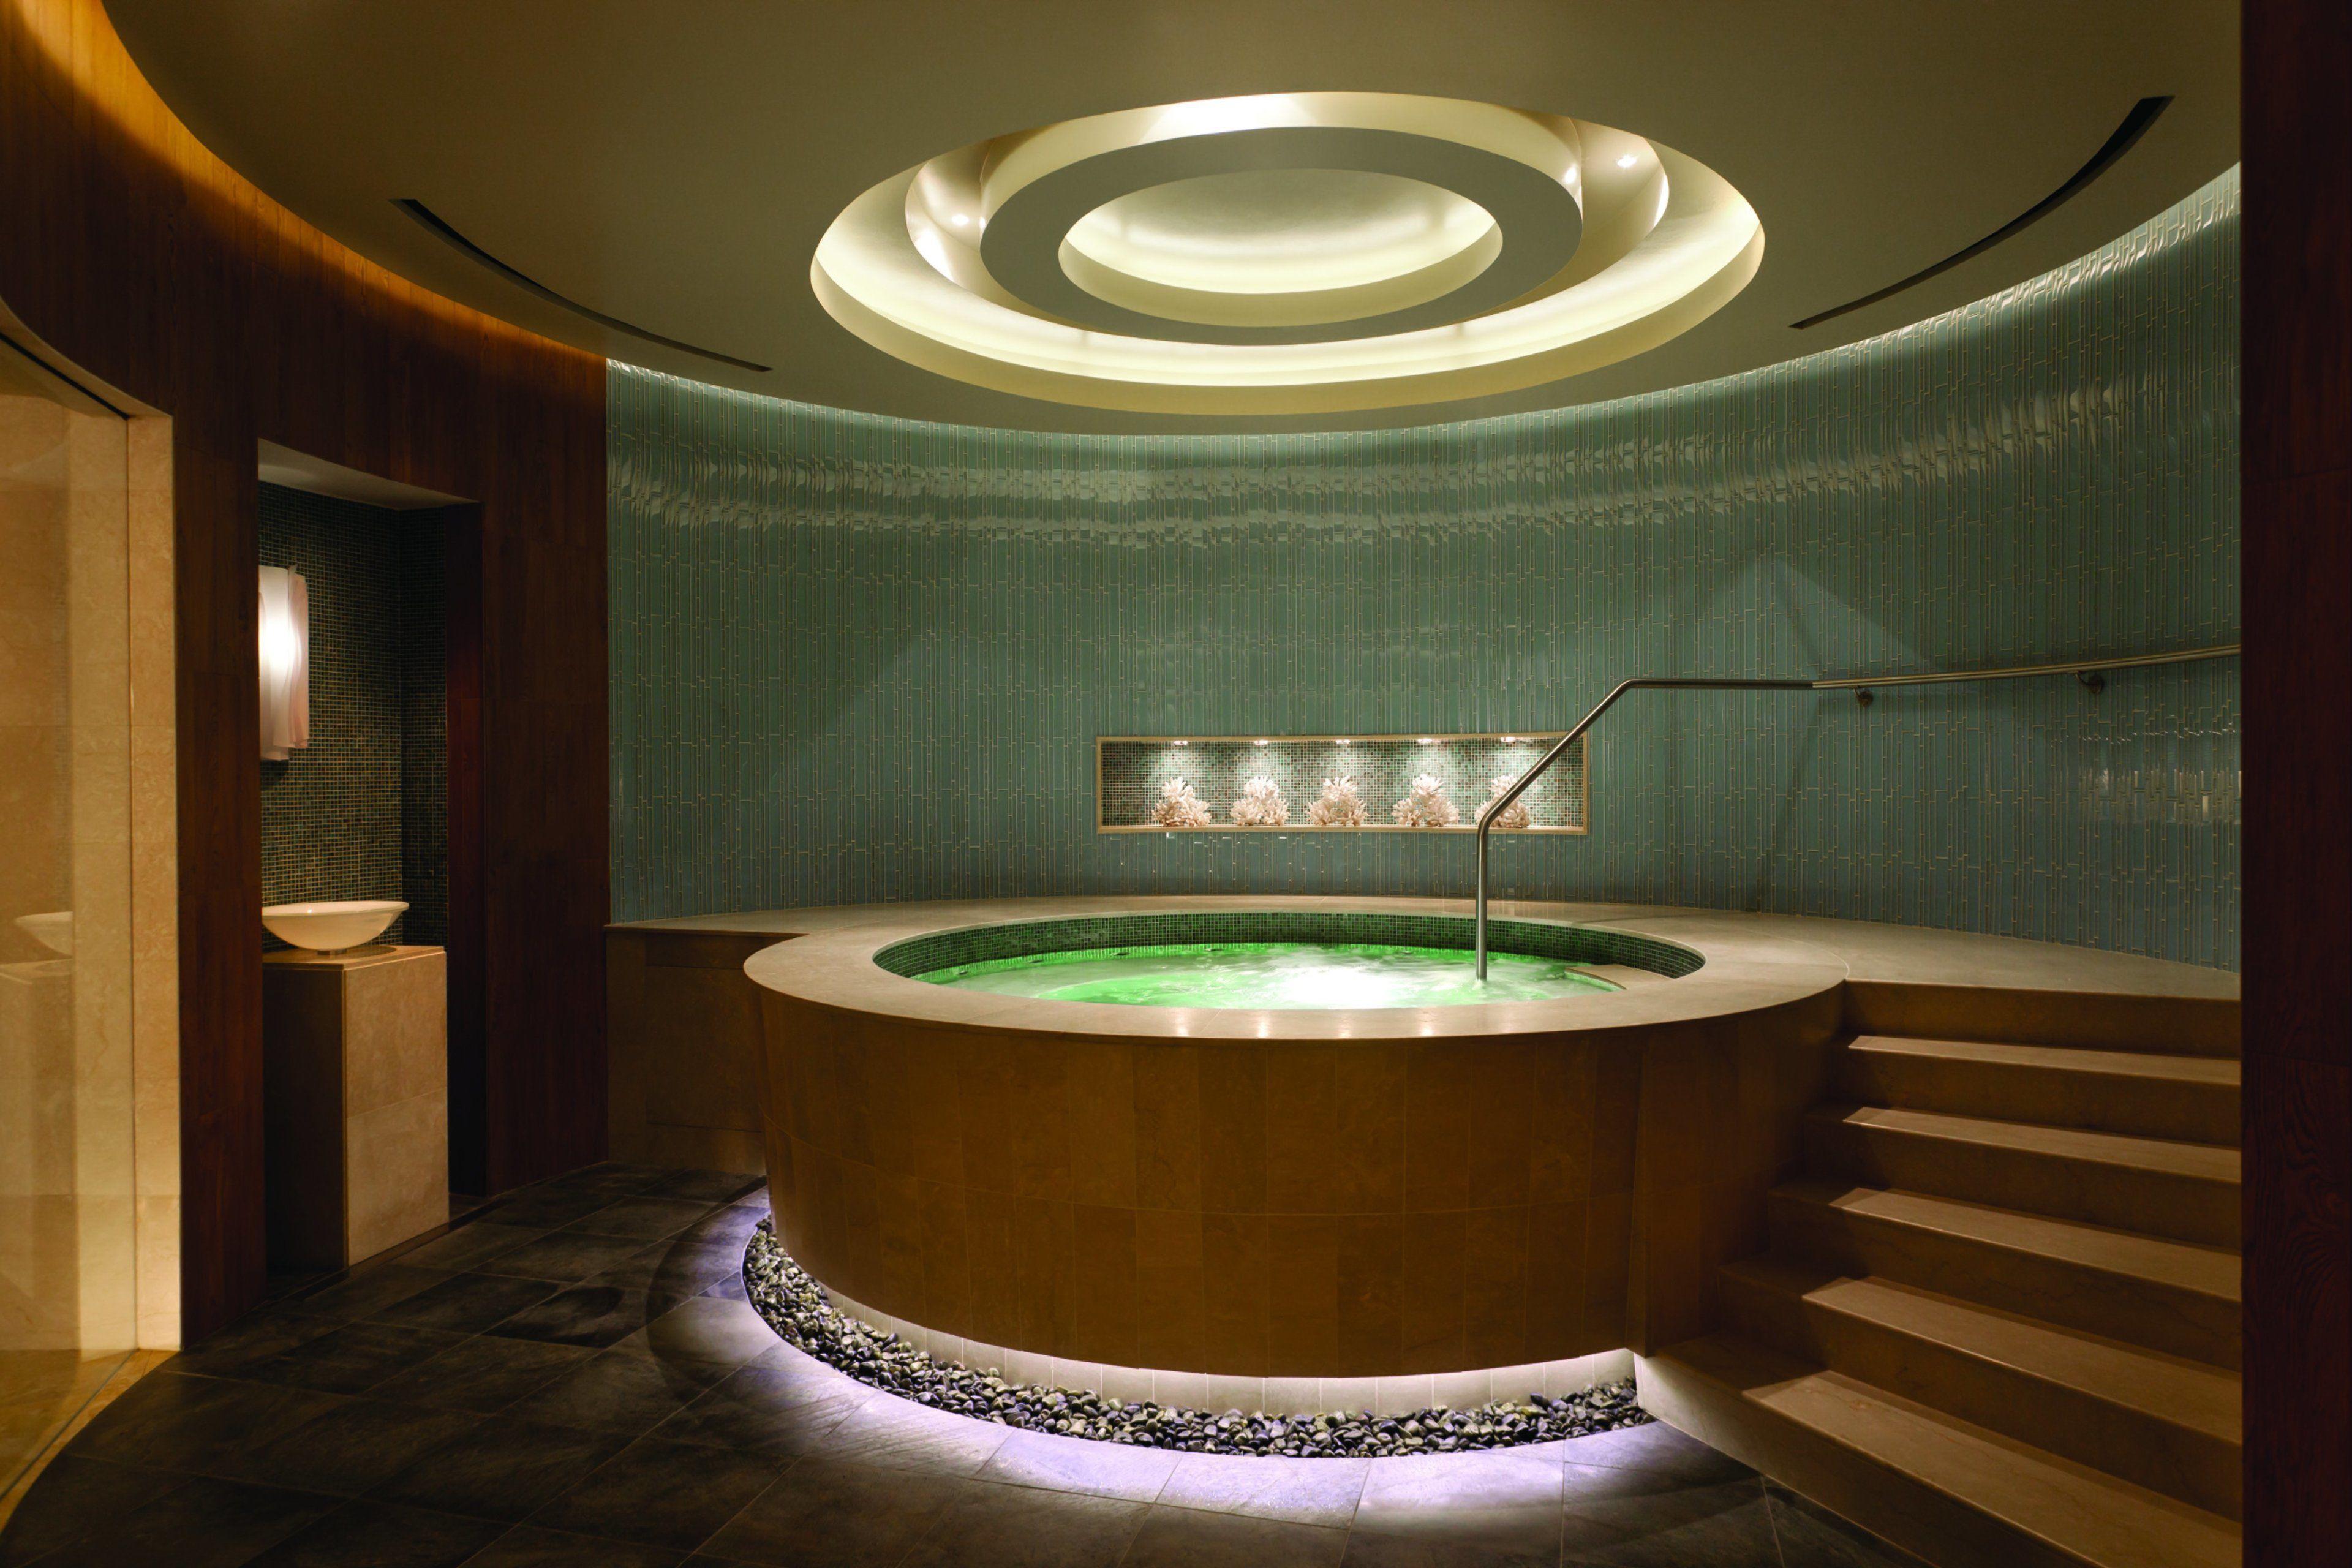 Courtesy of Four Seasons Hotel Denver / Expedia